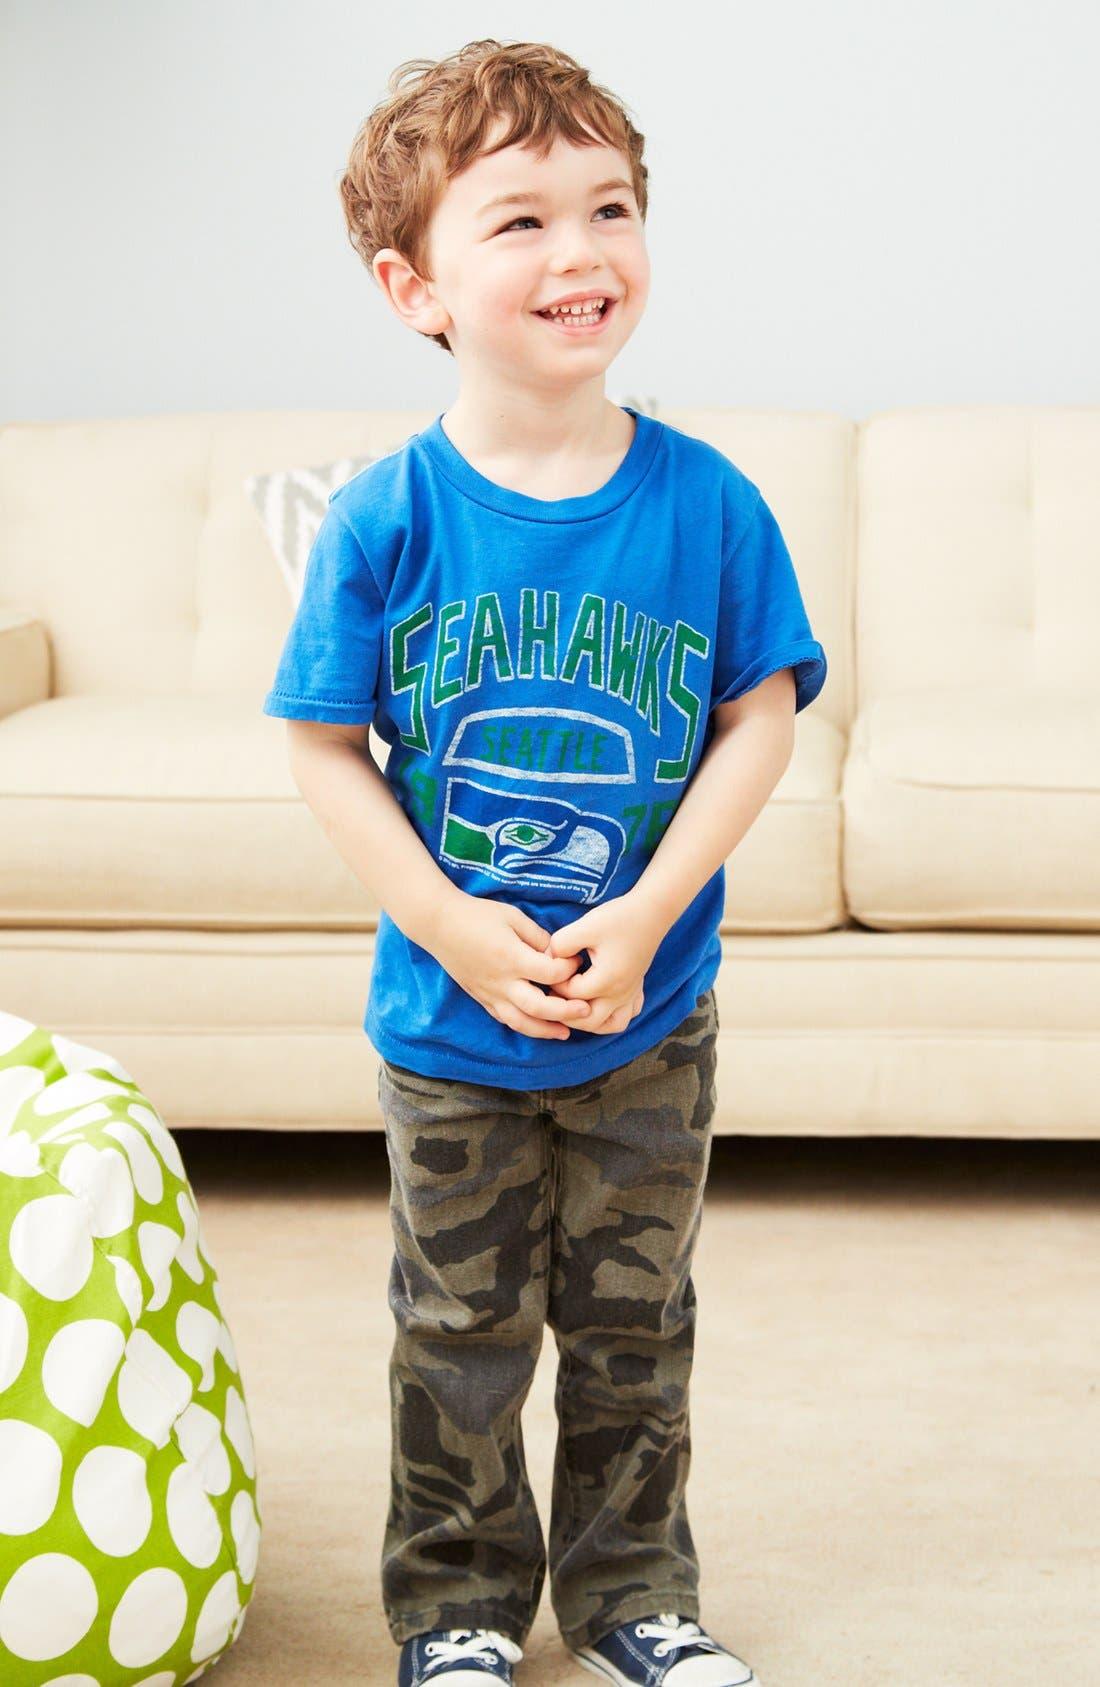 Alternate Image 1 Selected - Junk Food T-Shirt & Camo Pants (Toddler Boys)